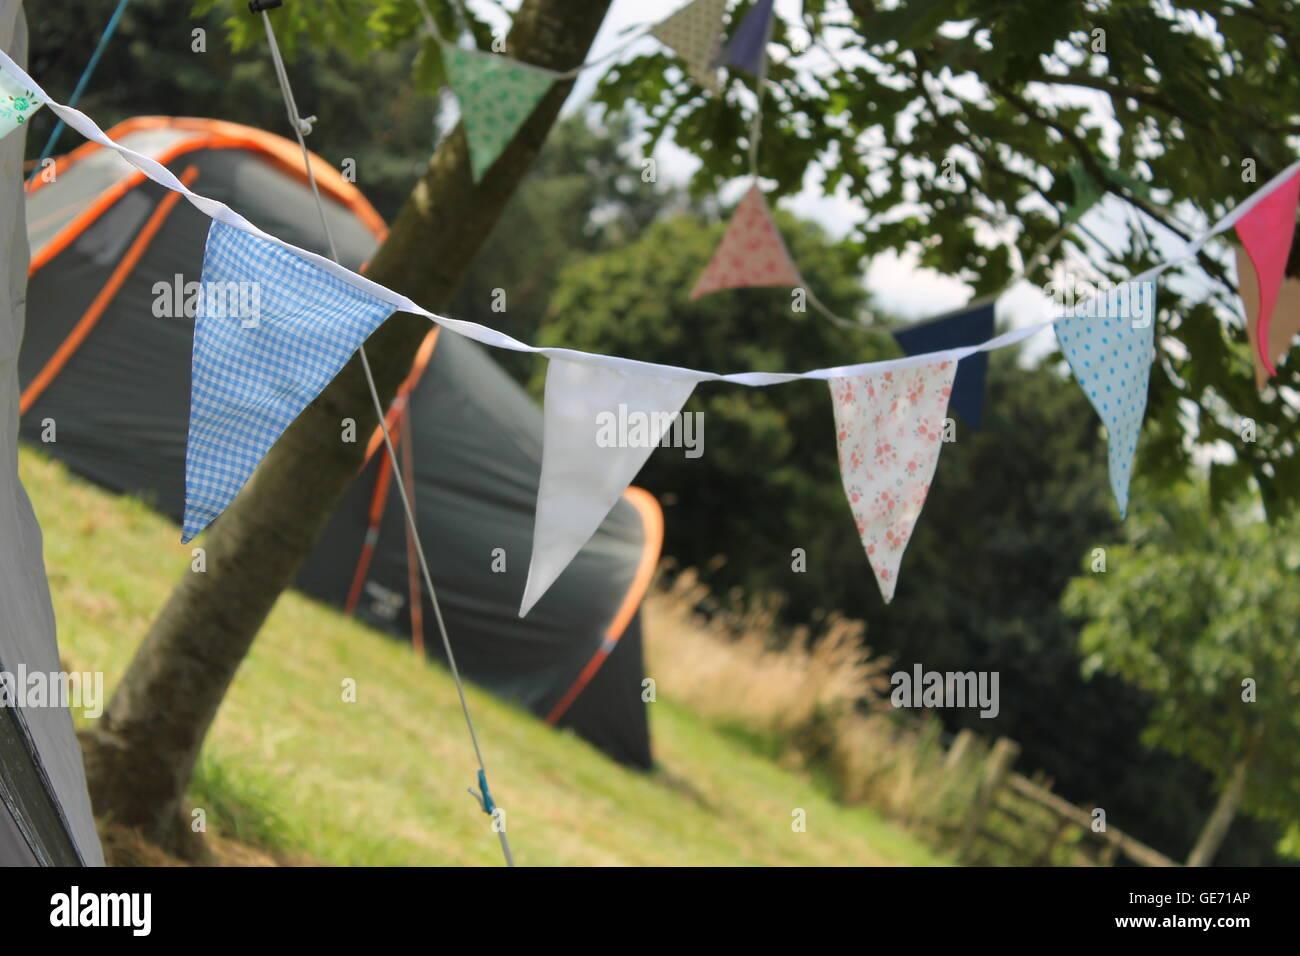 Hochzeit gartenparty good hochzeit gartenparty with - Gartenparty hochzeit ...